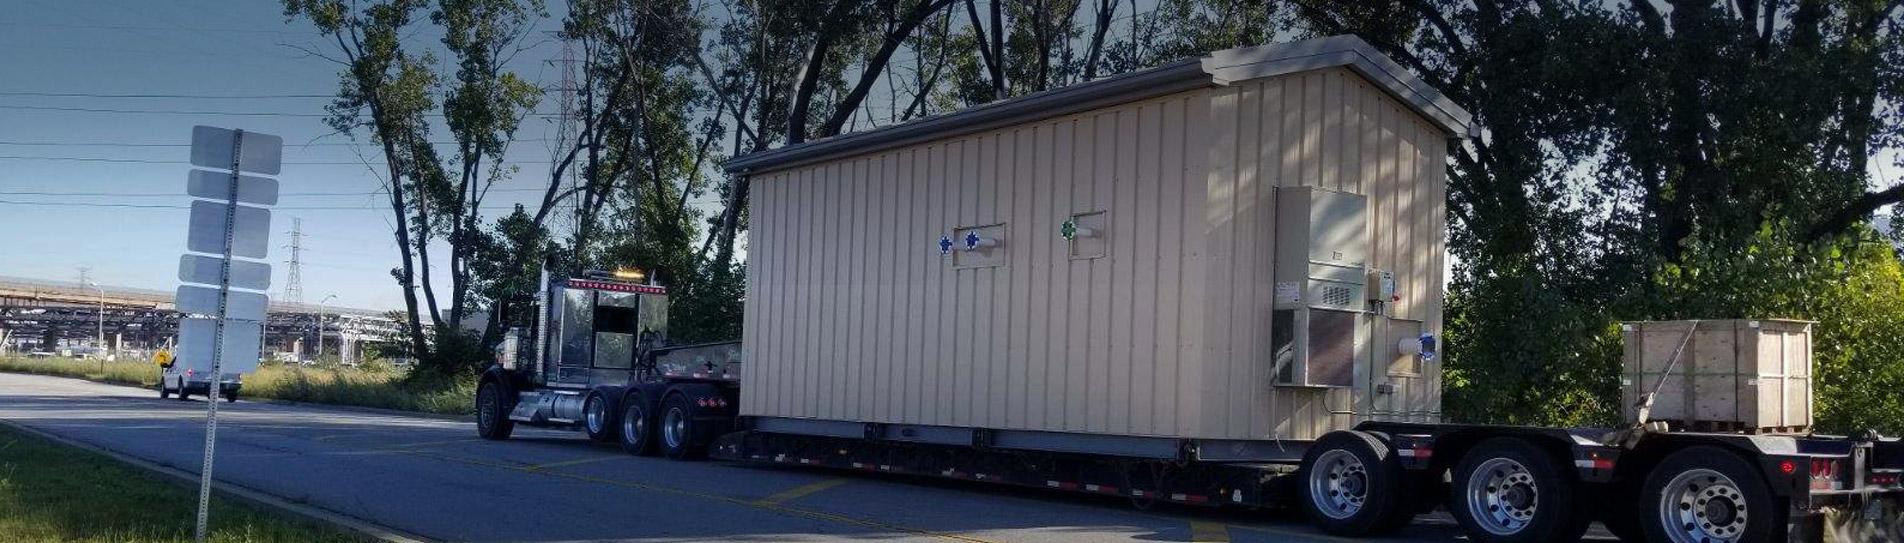 Albany, NY Pump Company Services